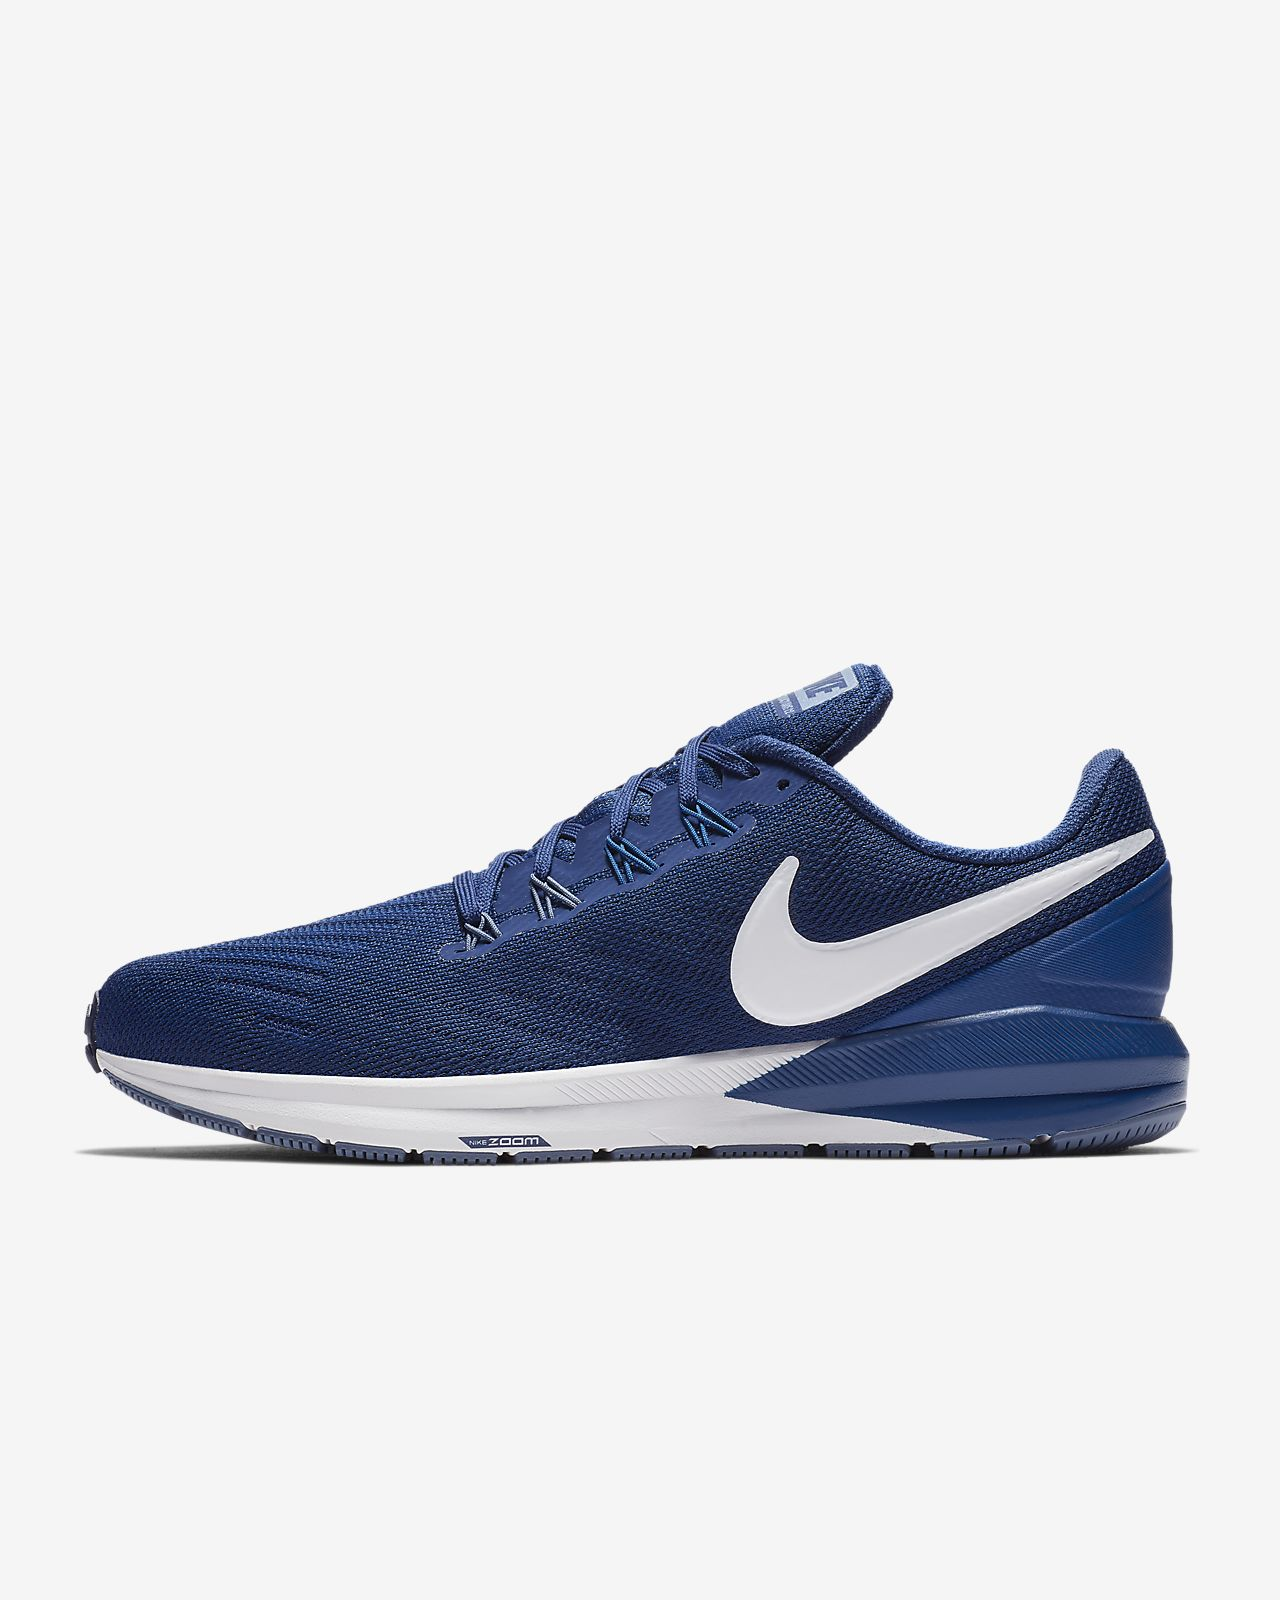 Мужские беговые кроссовки Nike Air Zoom Structure 22 (на широкую ногу)